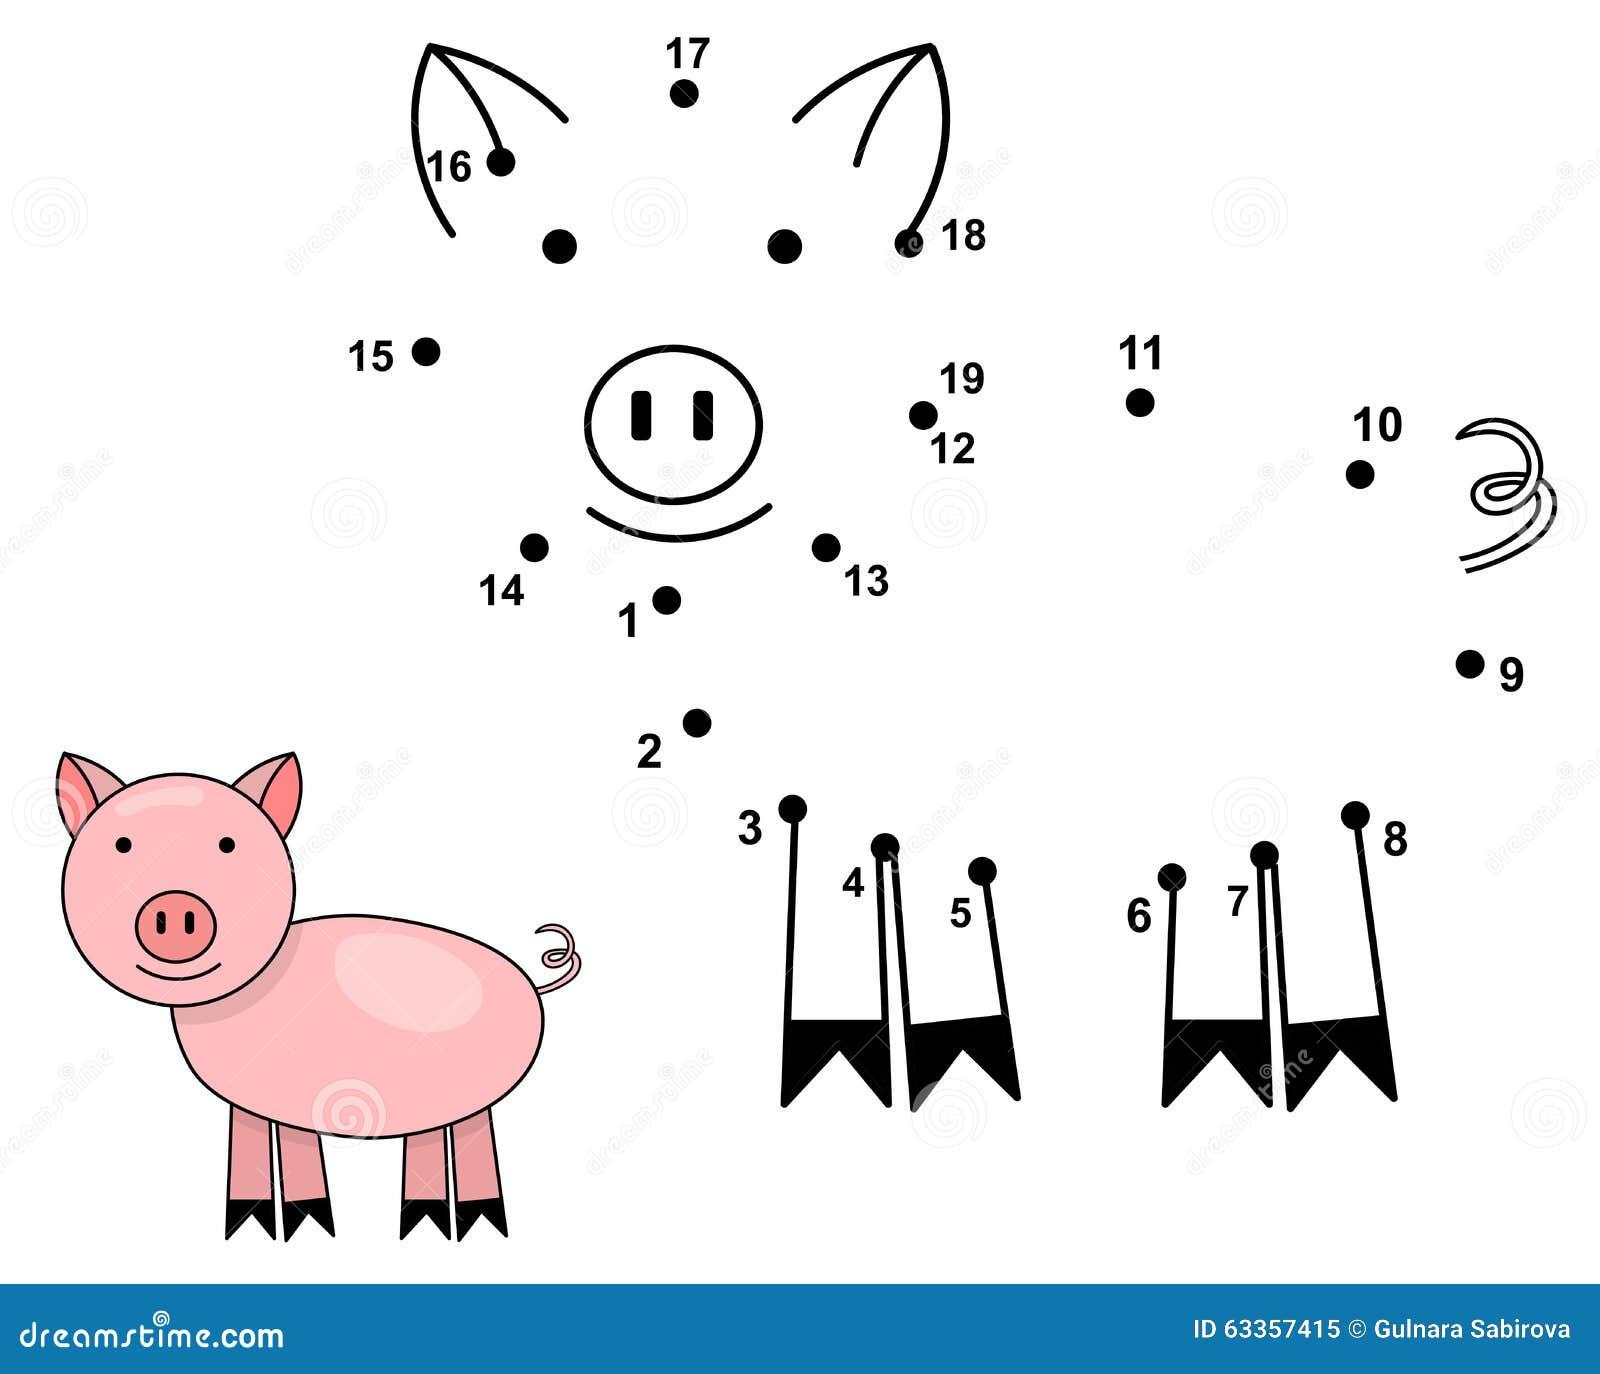 Colleghi i punti per disegnare il maiale sveglio Gioco di numeri educativo